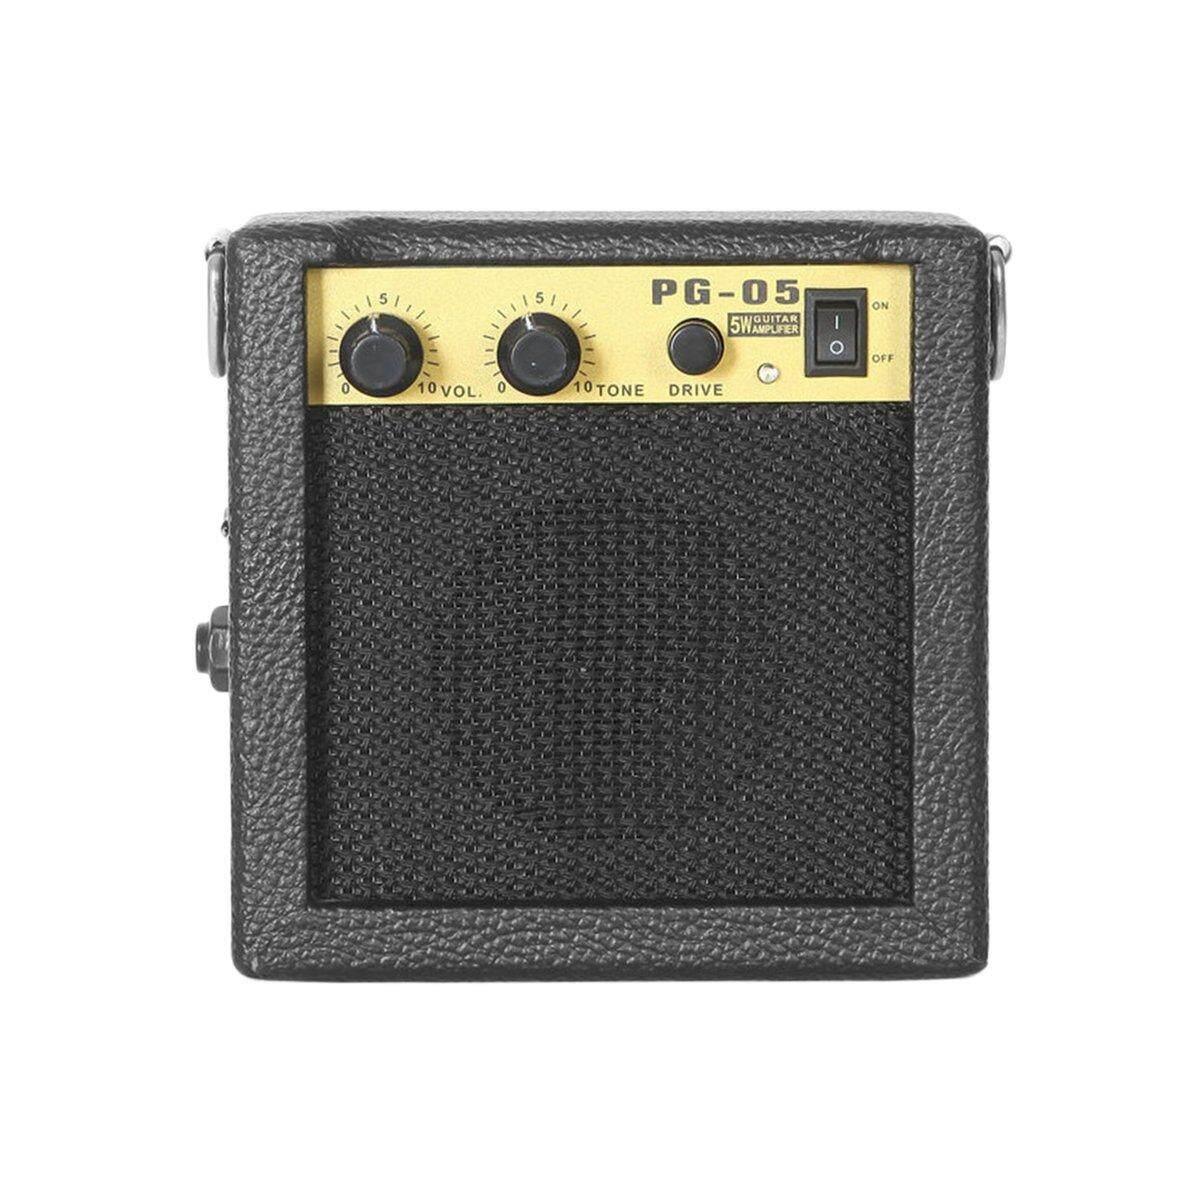 Nóng Người Bán E-WAVE PG-05 5W Di Động Đàn Guitar Ampli Guitar Amp Với 3 Inch Loa